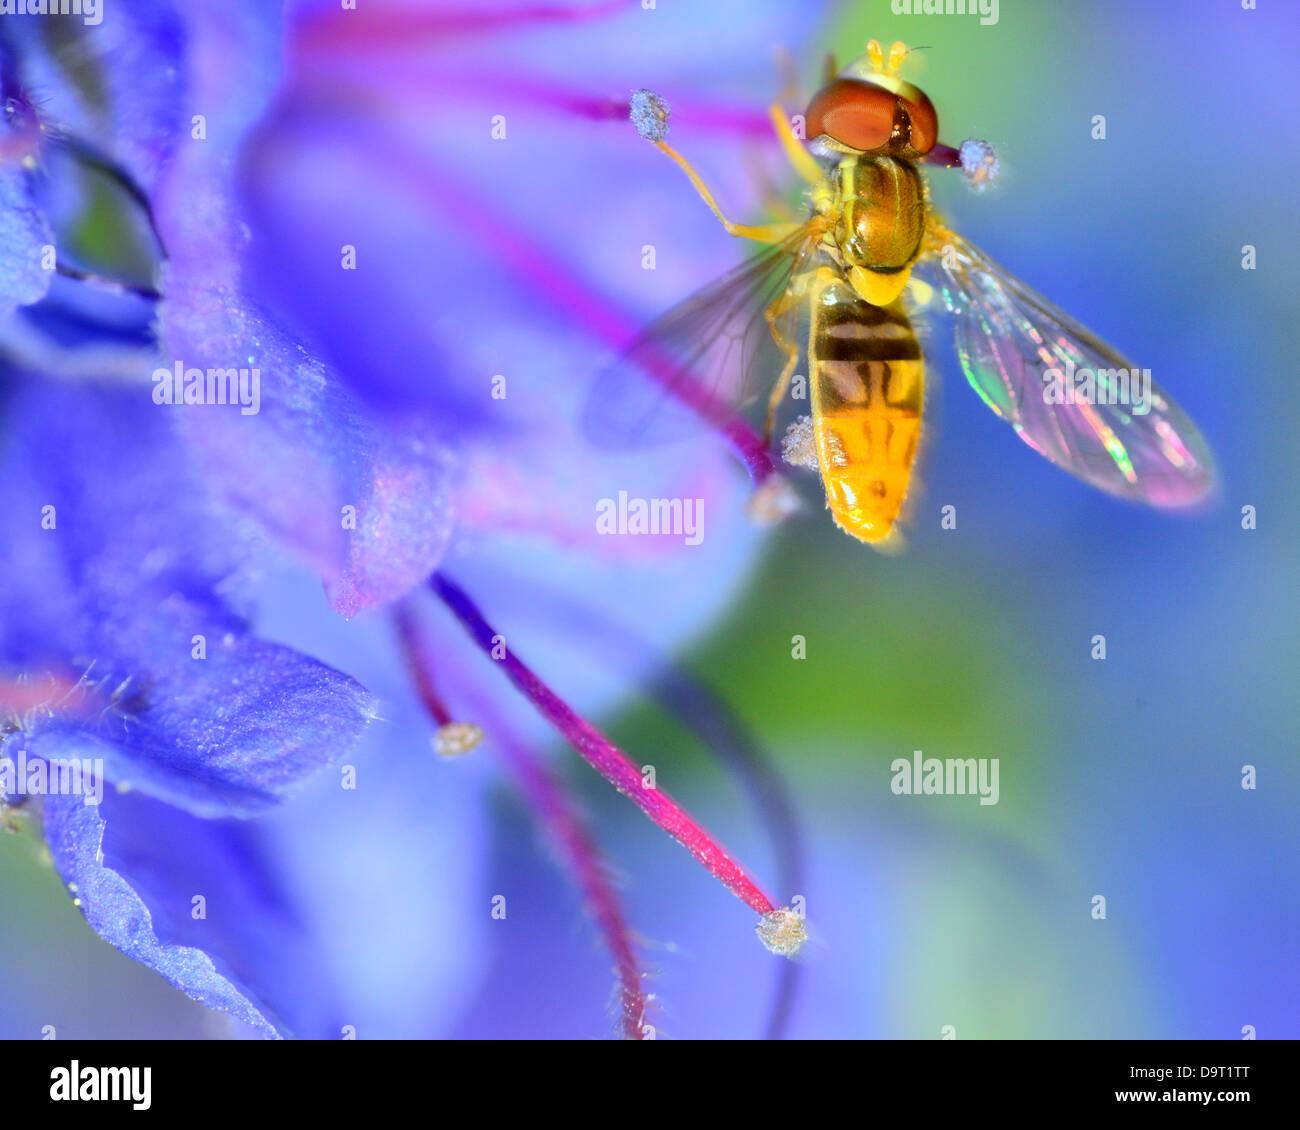 Hoverfly posado sobre una flor recogiendo polen. Imagen De Stock